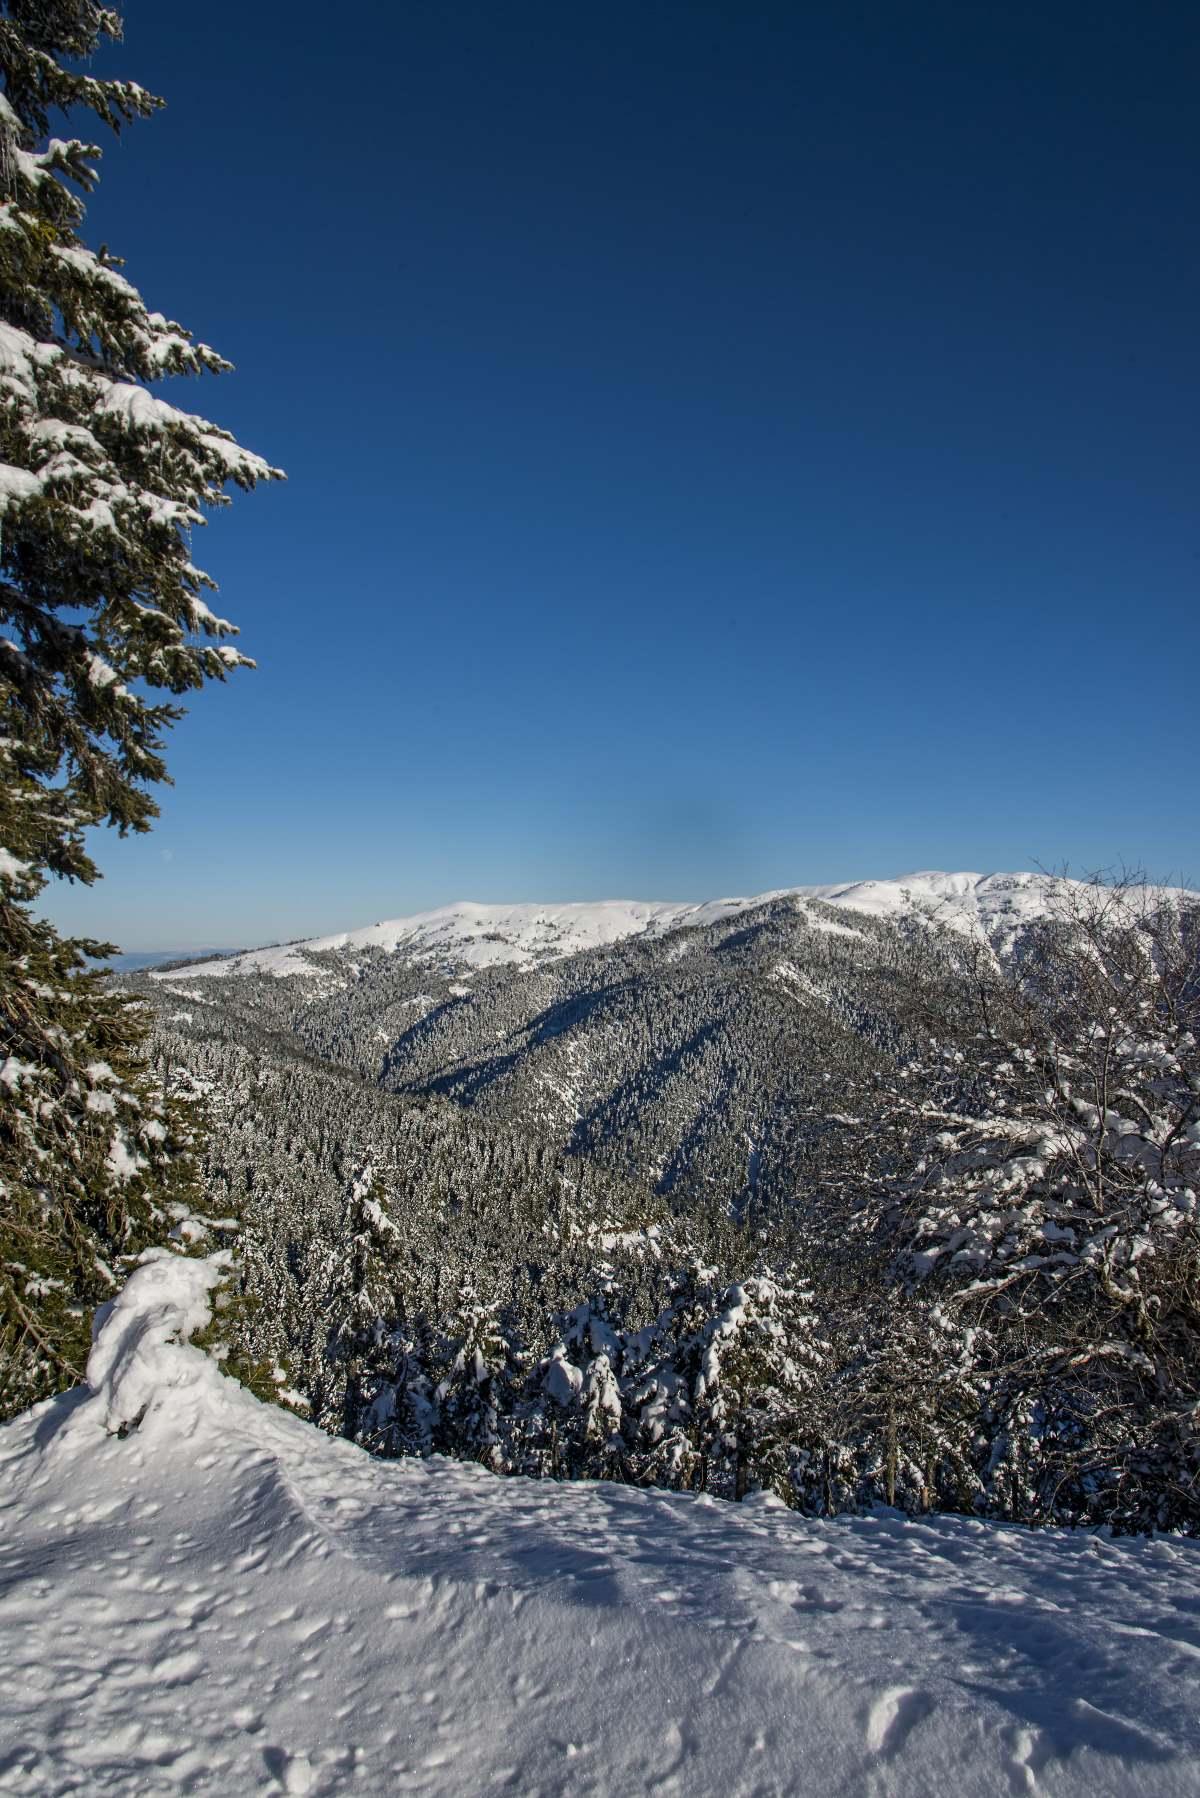 Το χιονισμένο τοπίο κατά μήκος της διαδρομής Καρπενήσι- Κρίκελλο